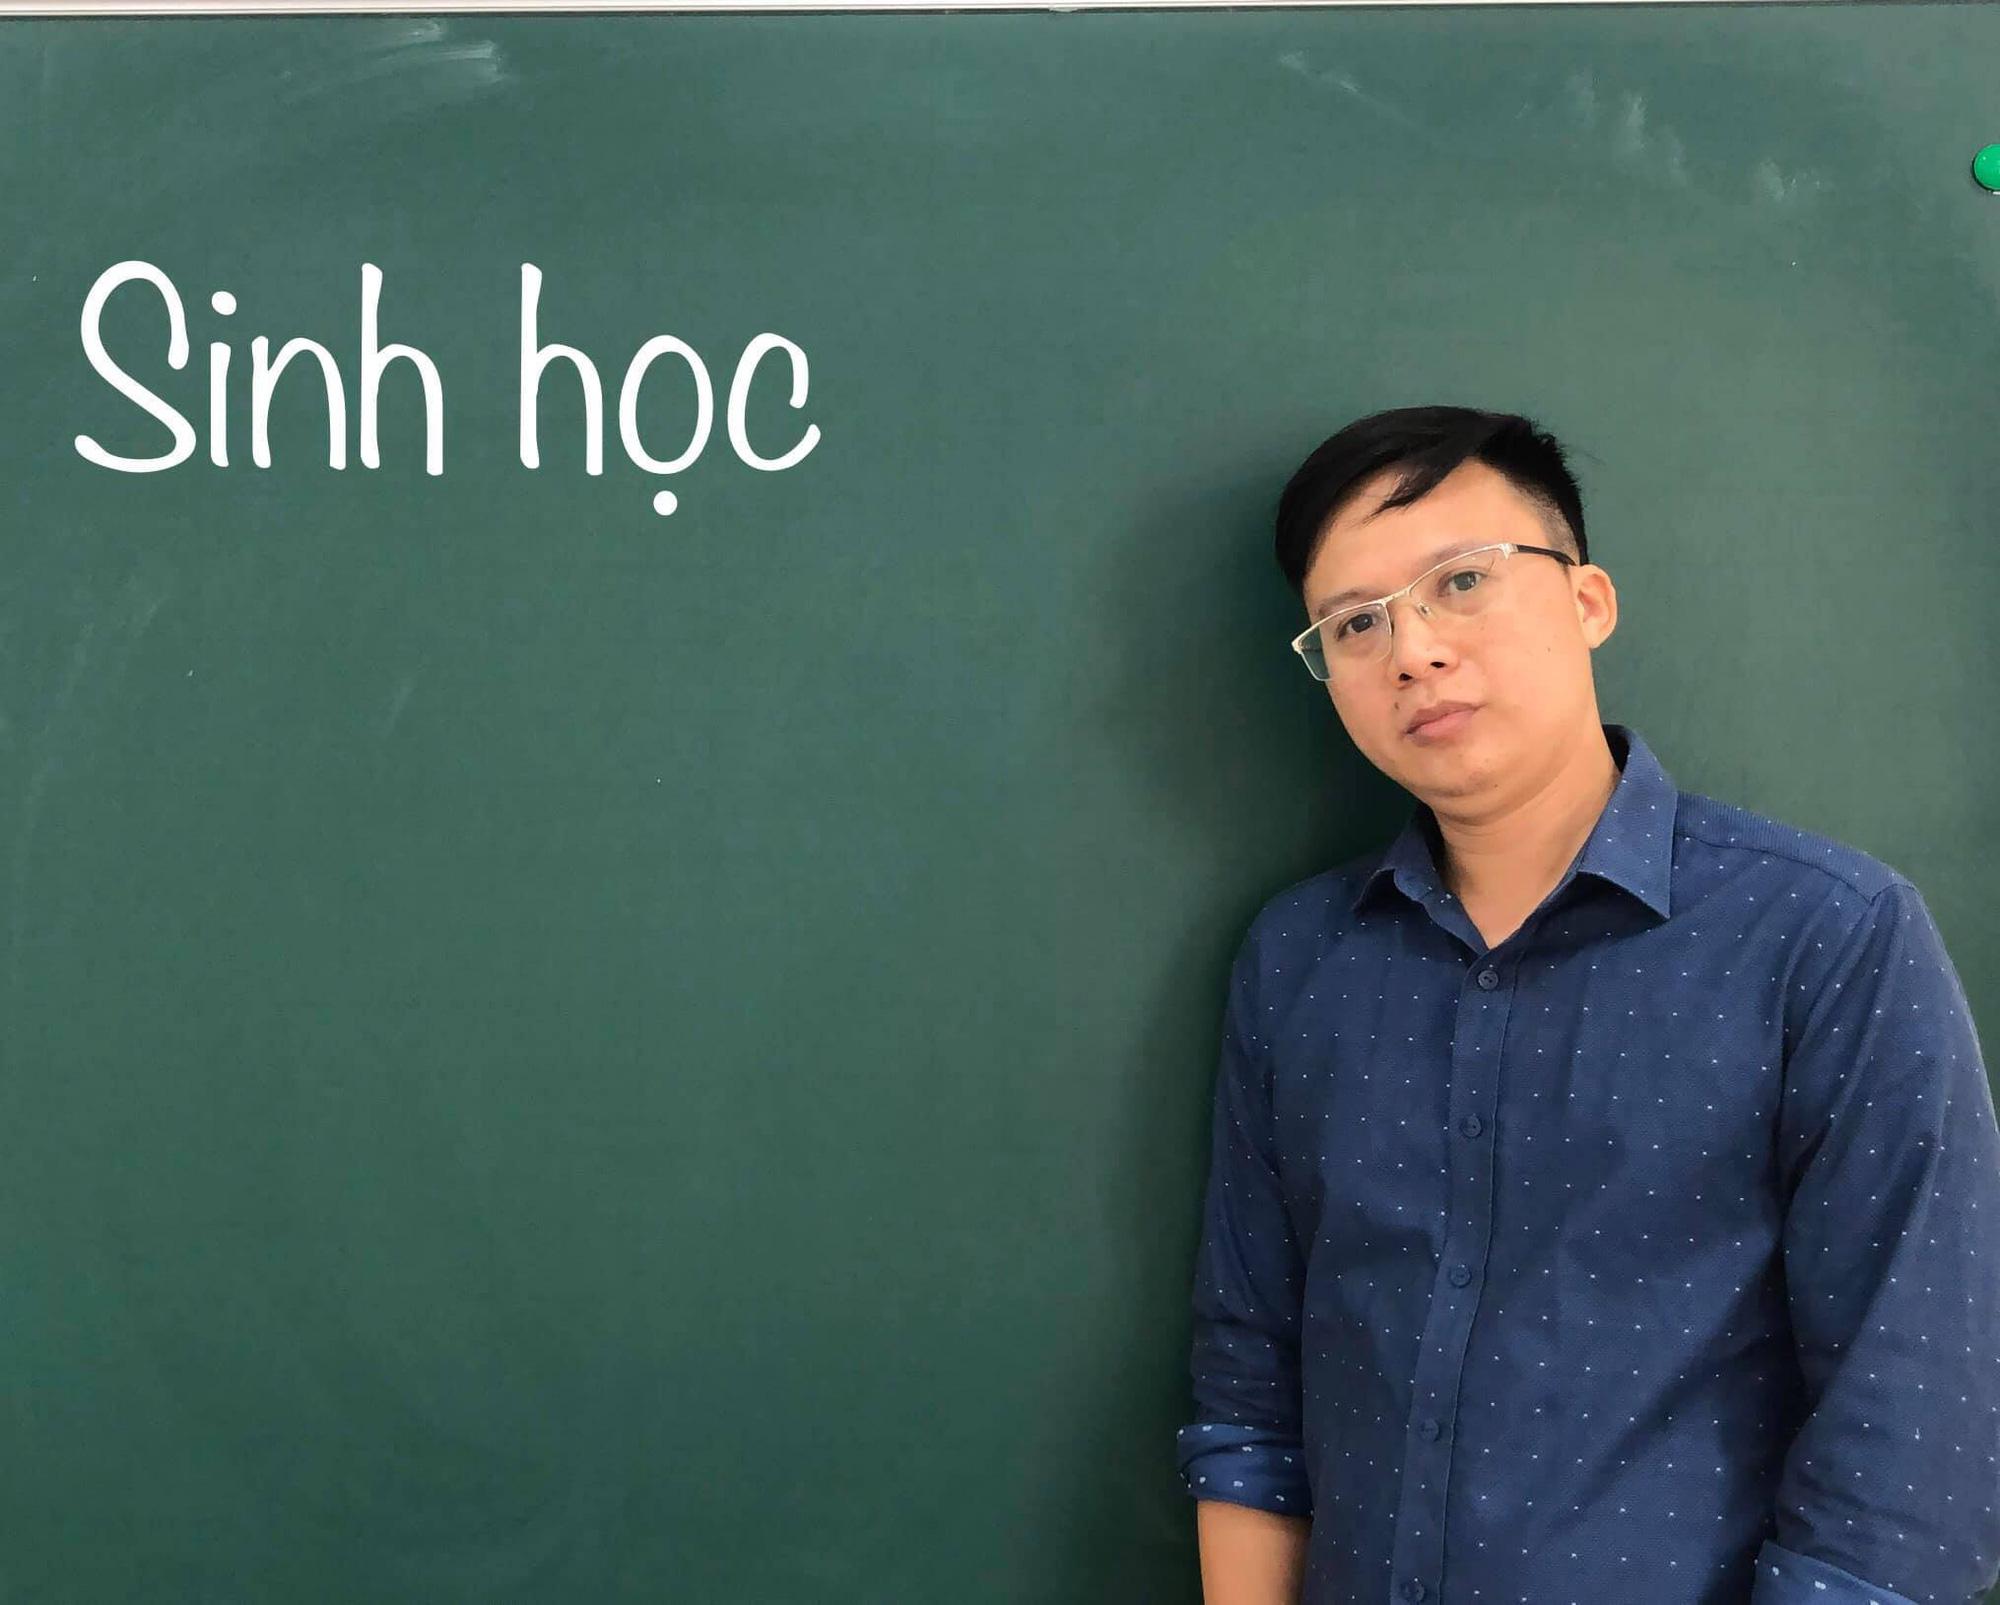 Thầy giáo bày cách giành 9, 10 điểm môn Sinh học thi tốt nghiệp THPT - Ảnh 1.